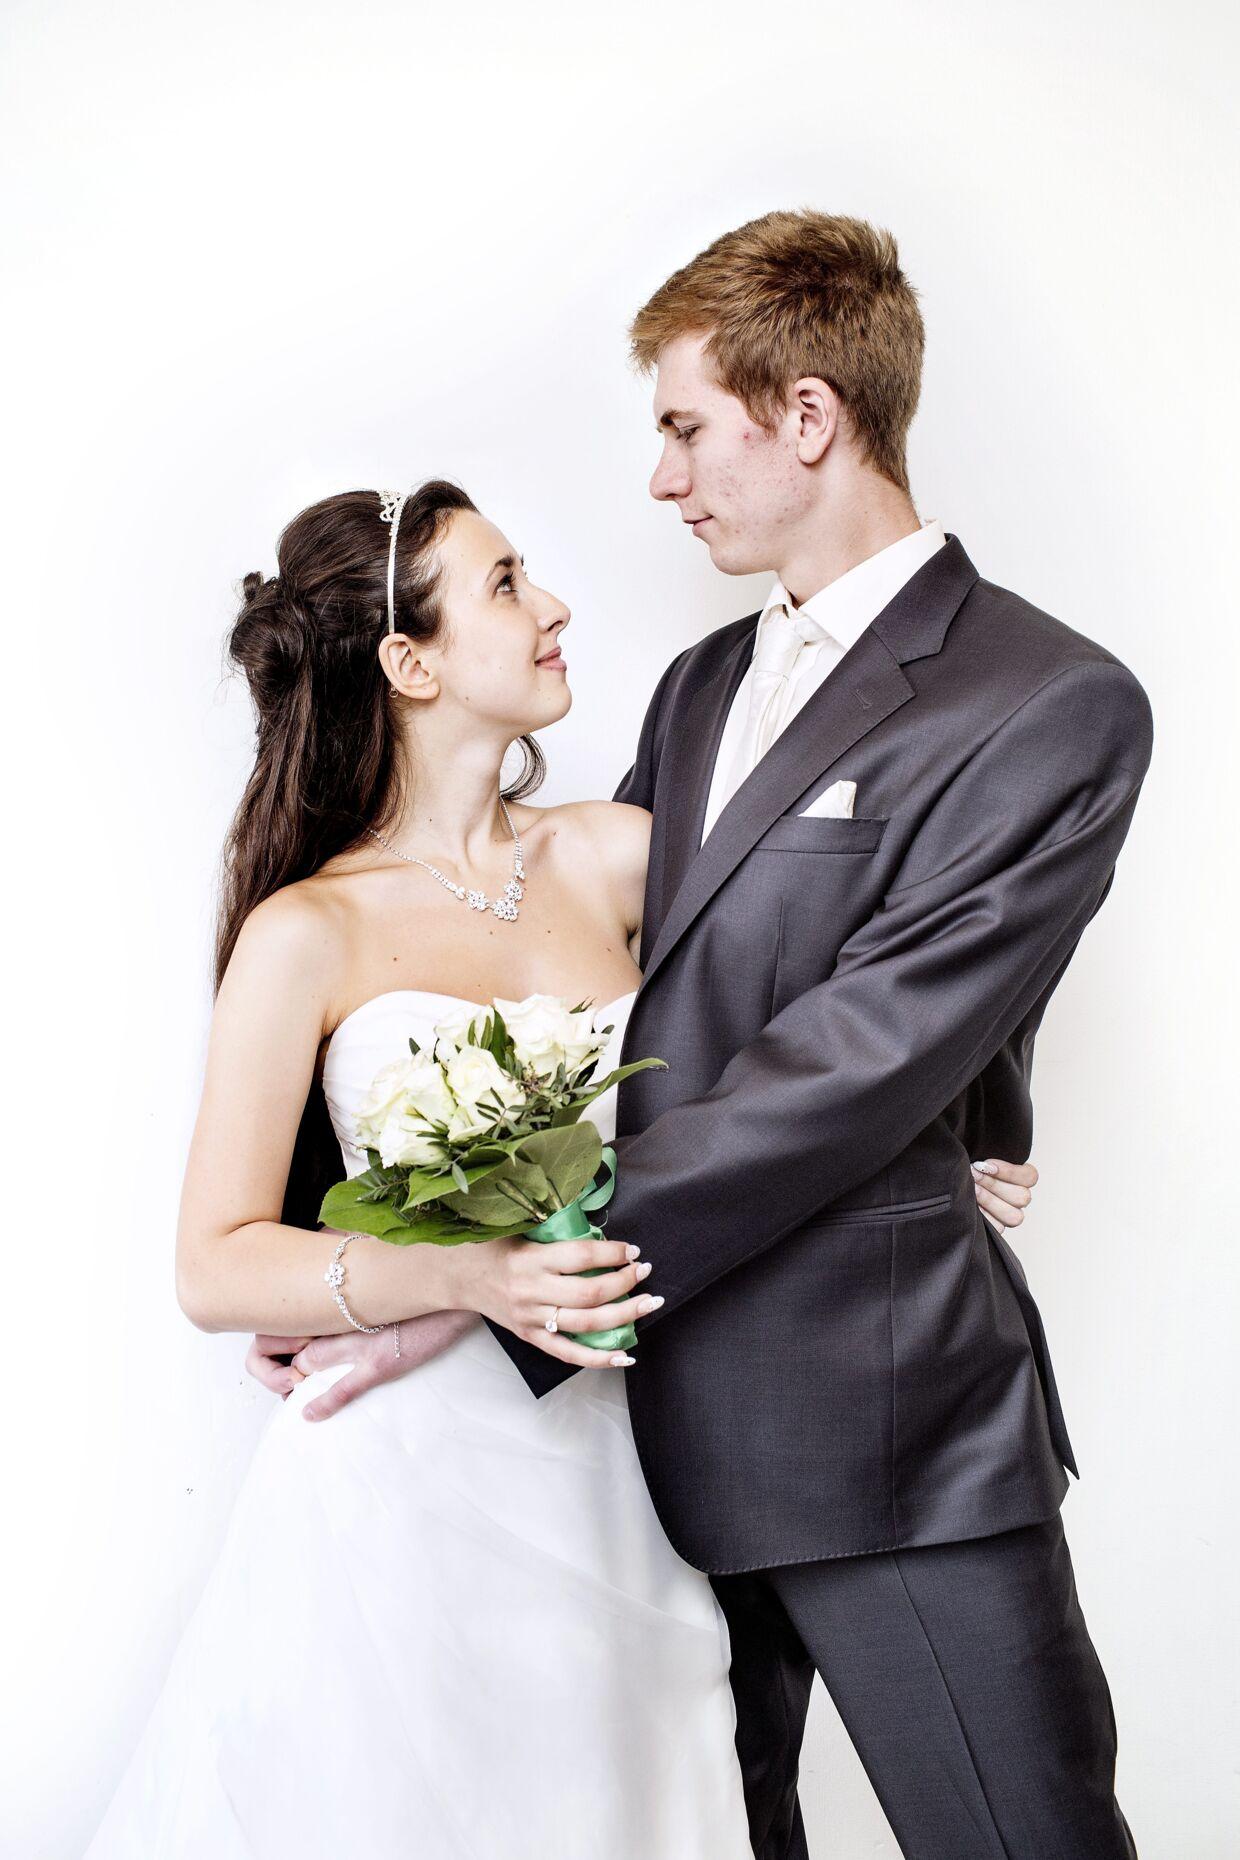 adskilt og dating en gift mand lucknow locanto dating